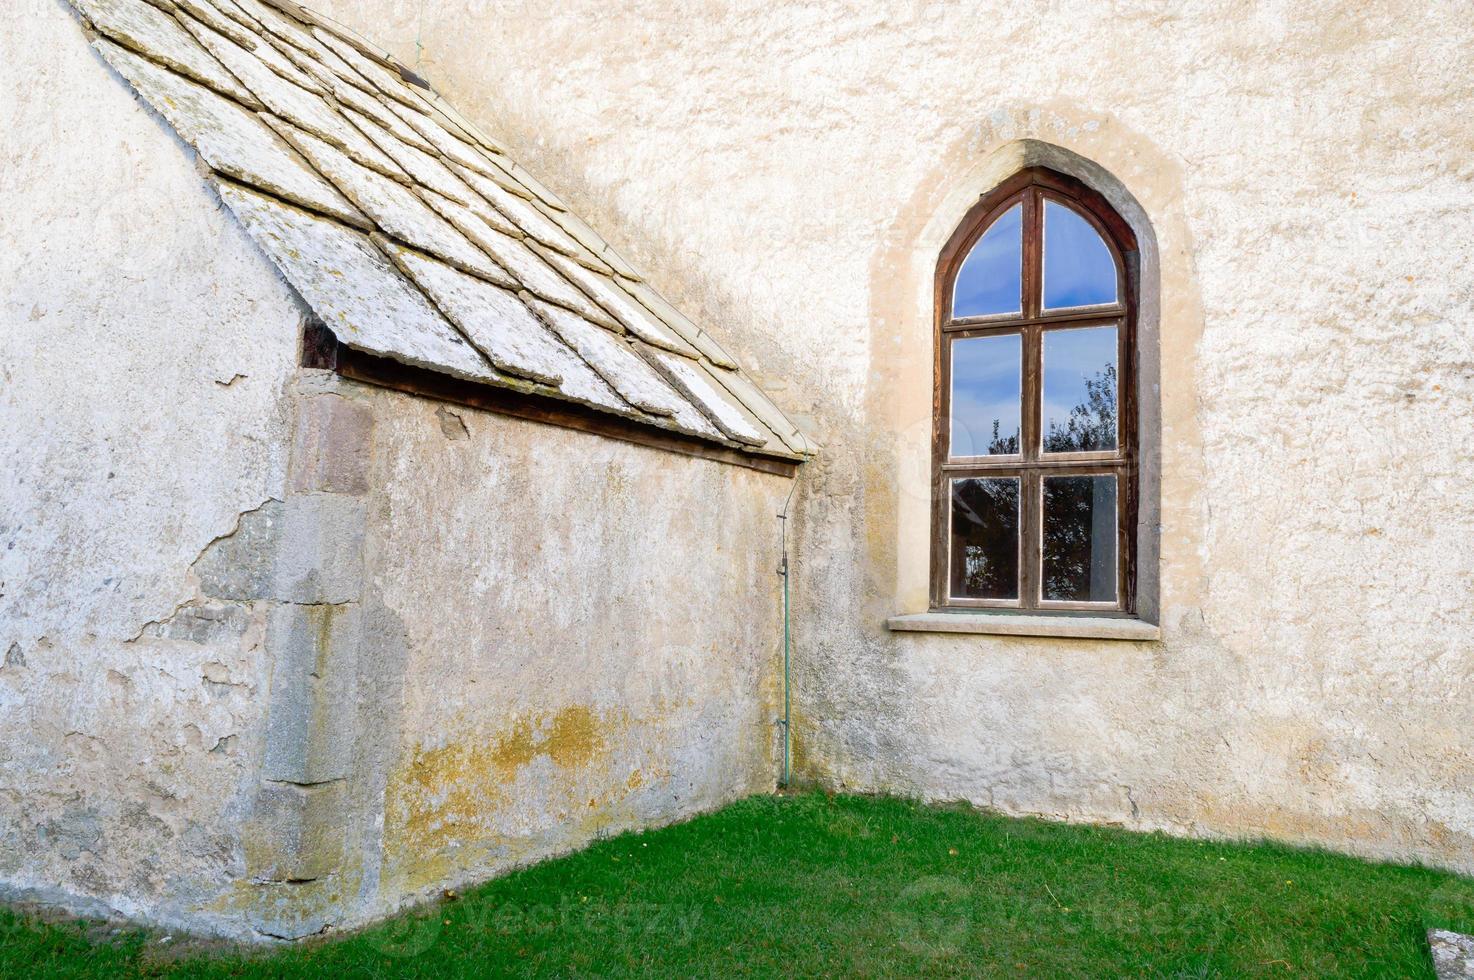 mittelalterliche Kirche foto